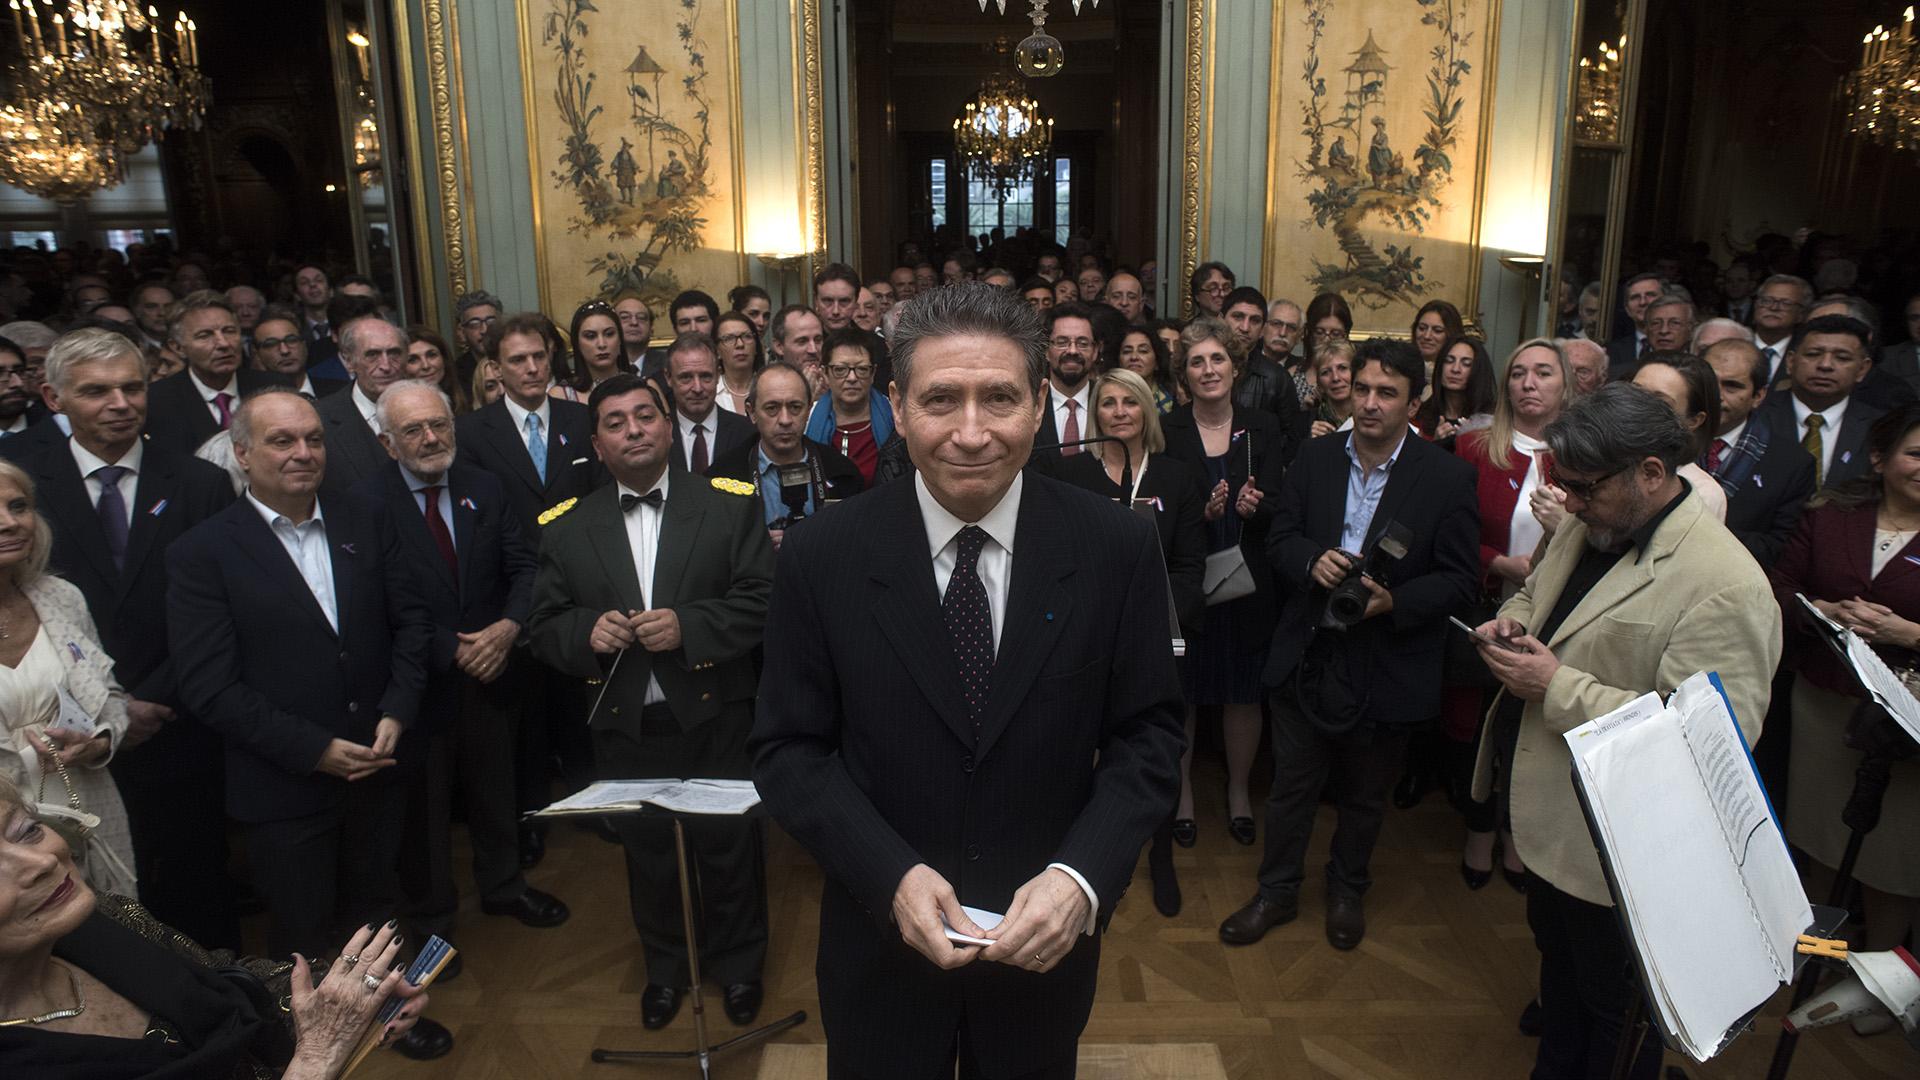 El embajador de Francia posó junto a los invitados a la gran recepción